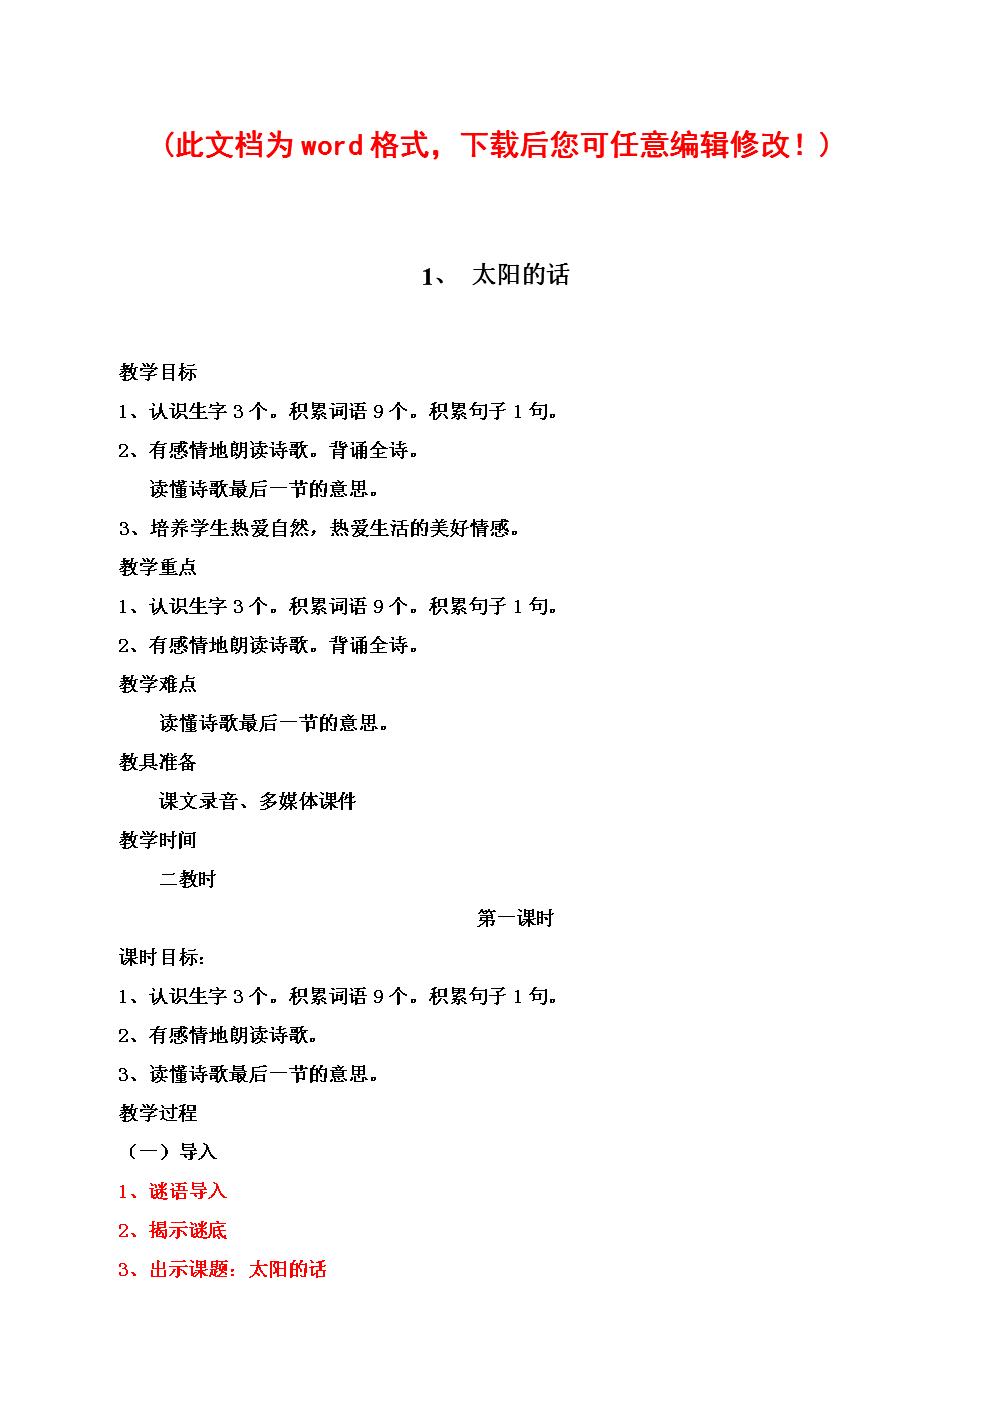 沪教版项目小学二语文年级全册教学设计.doc小学生下册田径运动会趣味图片